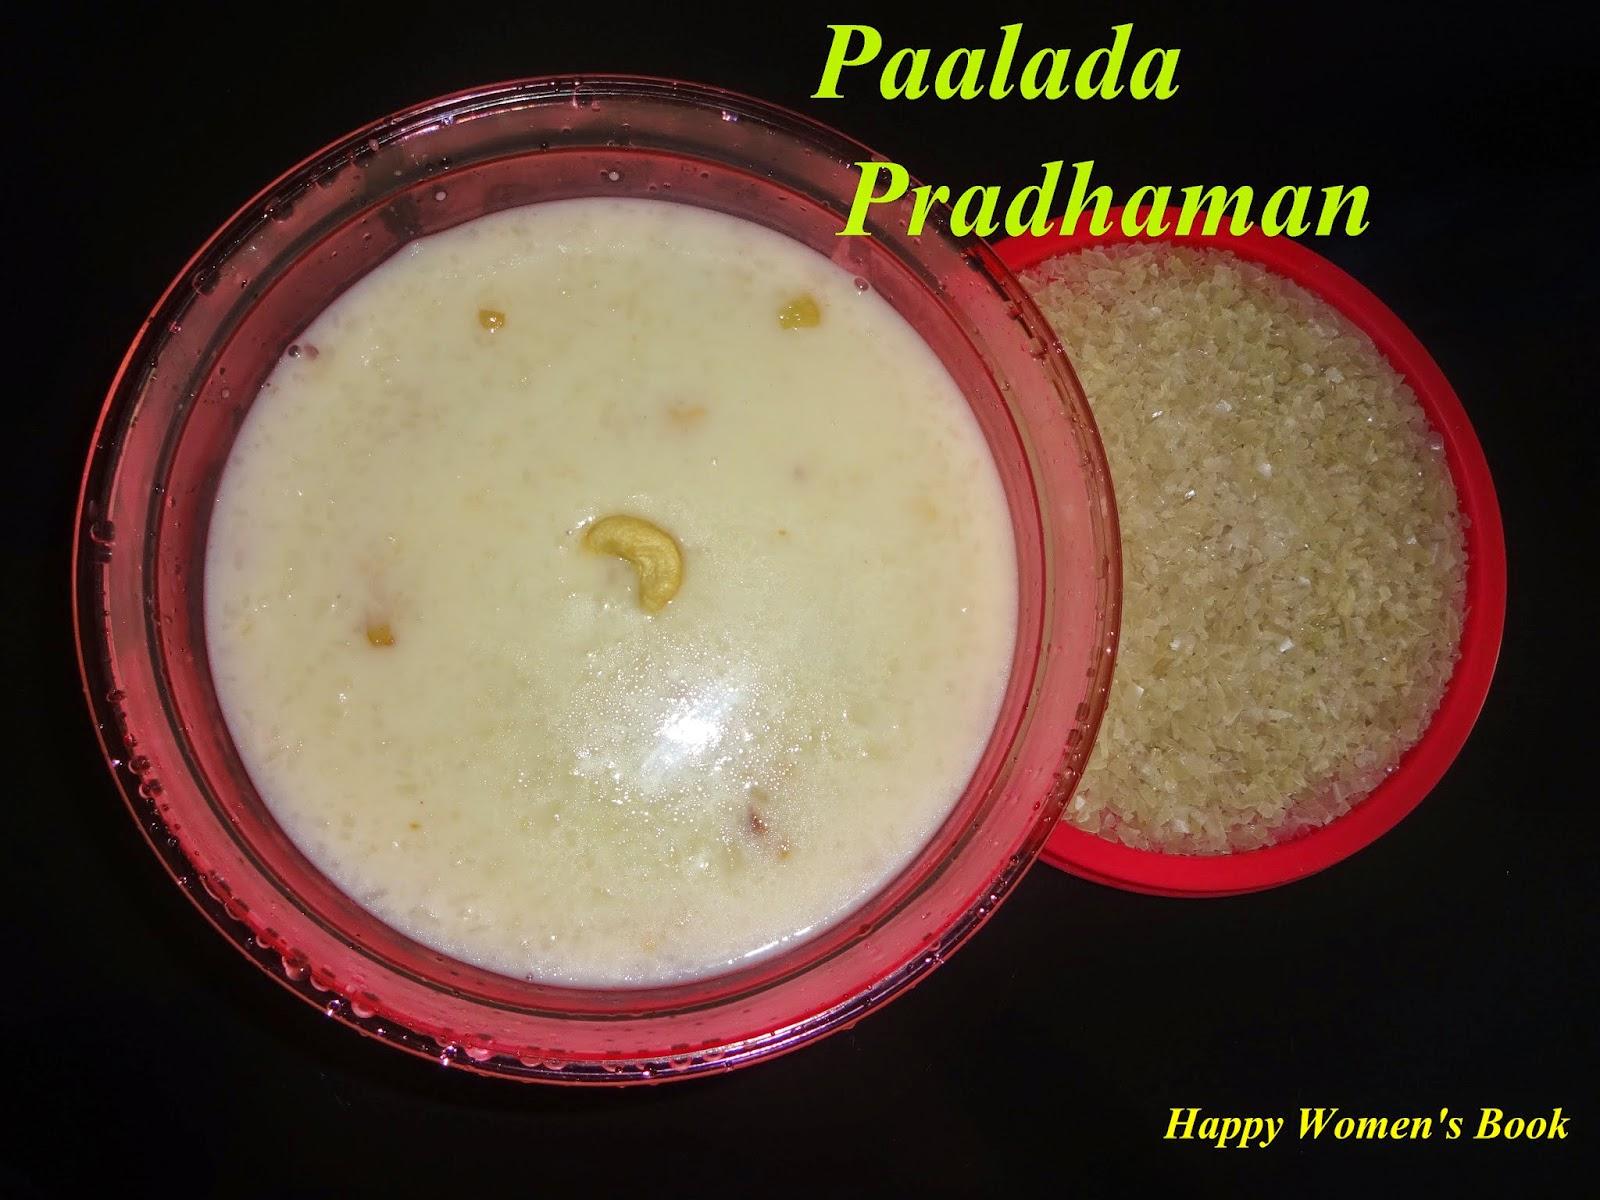 Paalada Pradhaman